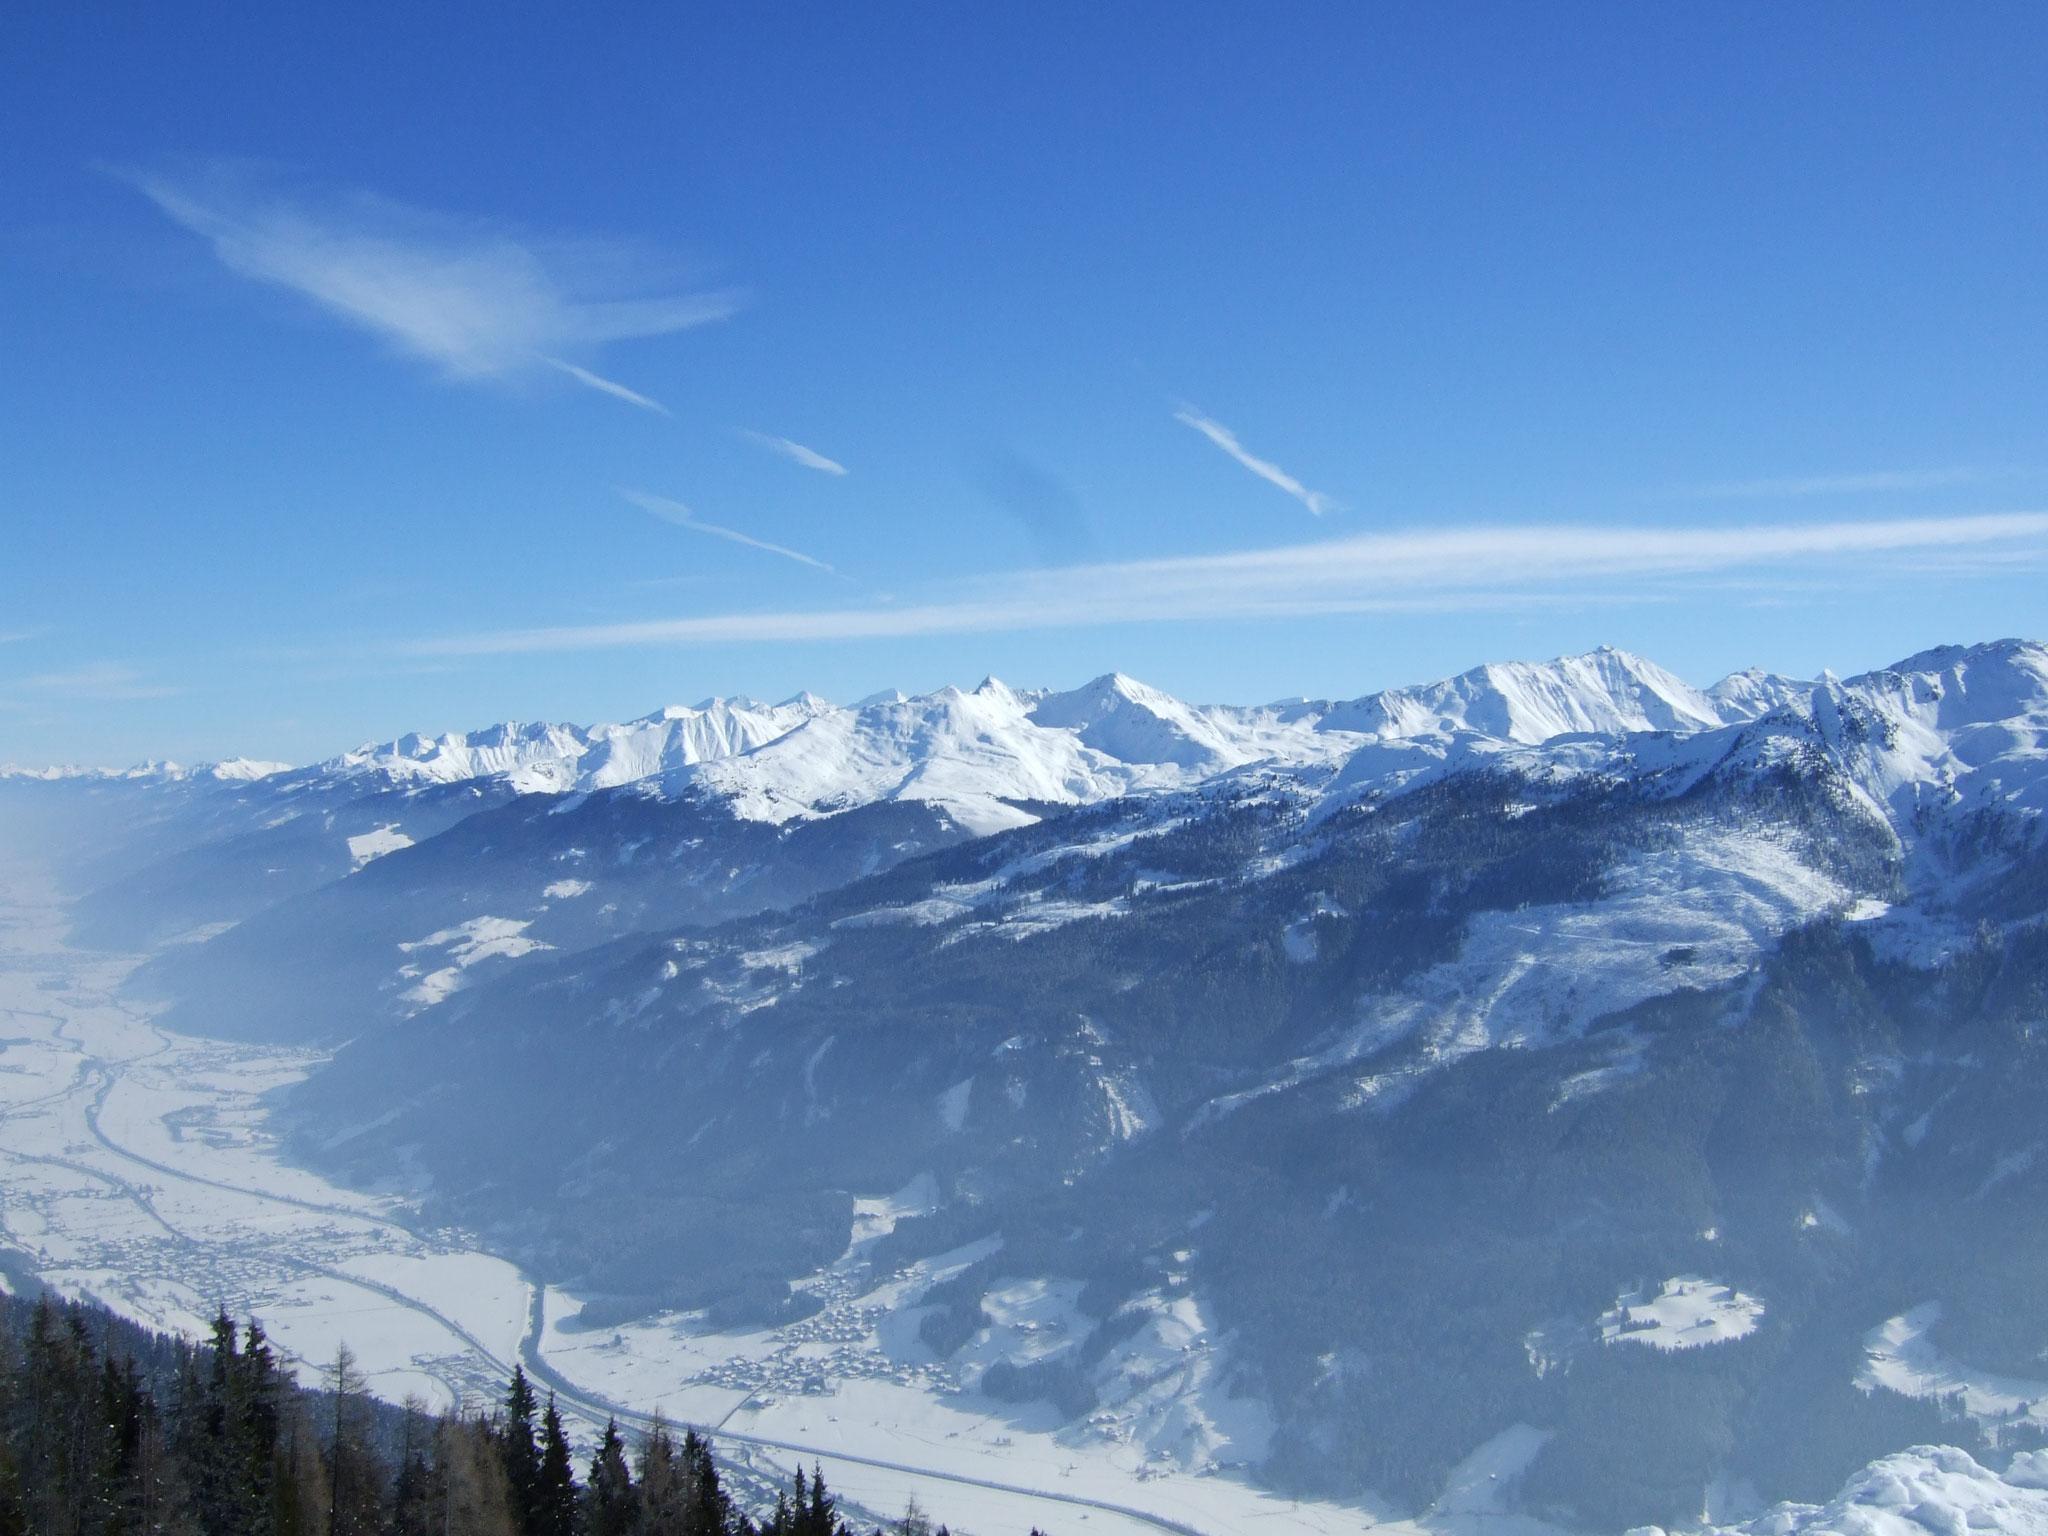 ... mit fantastischem Panorama